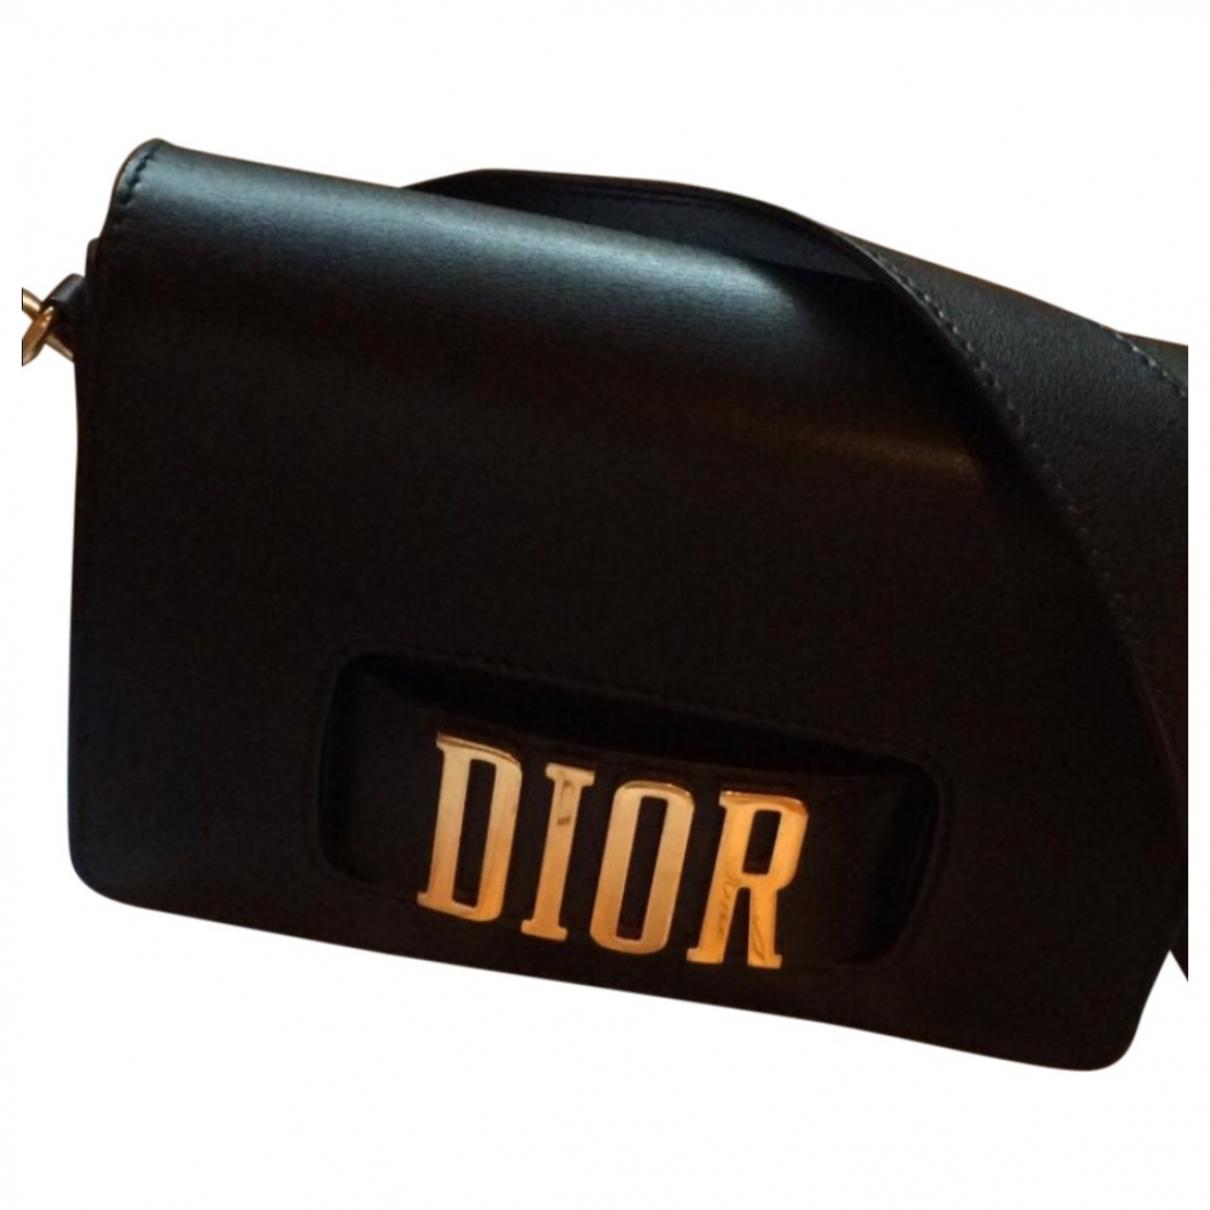 Dior Dio(r)evolution Handtasche in  Schwarz Leder